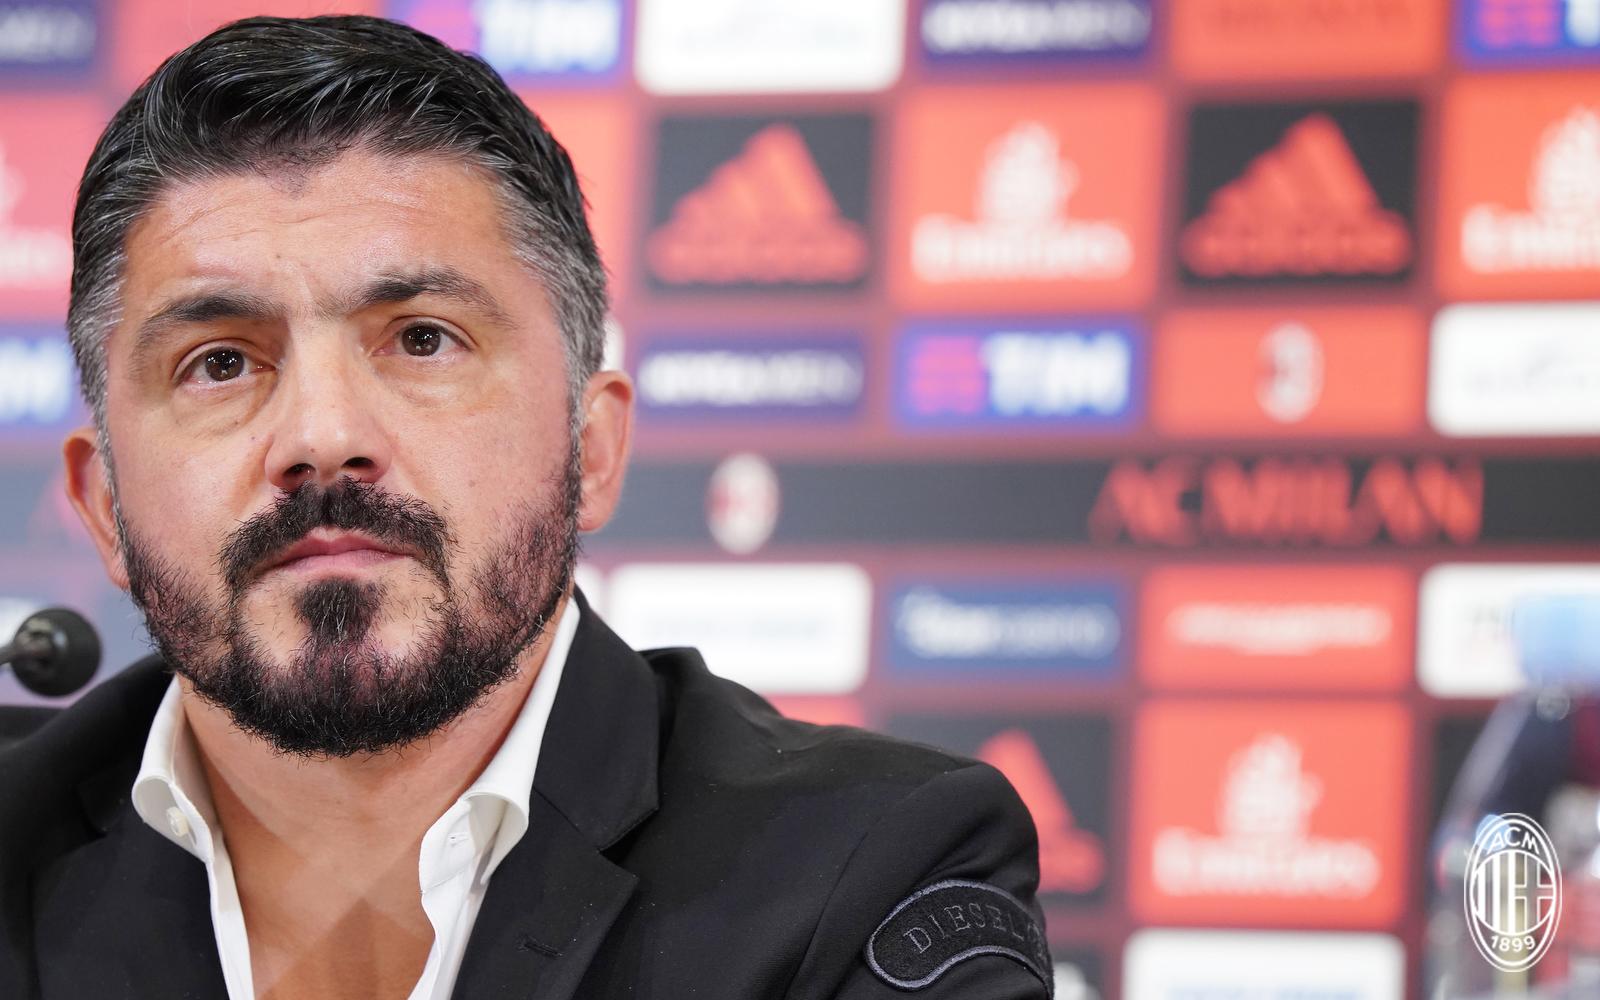 Gennaro Gattuso nella conferenza stampa di presentazione da allenatore del Milan. È nato il Milan di Gattuso